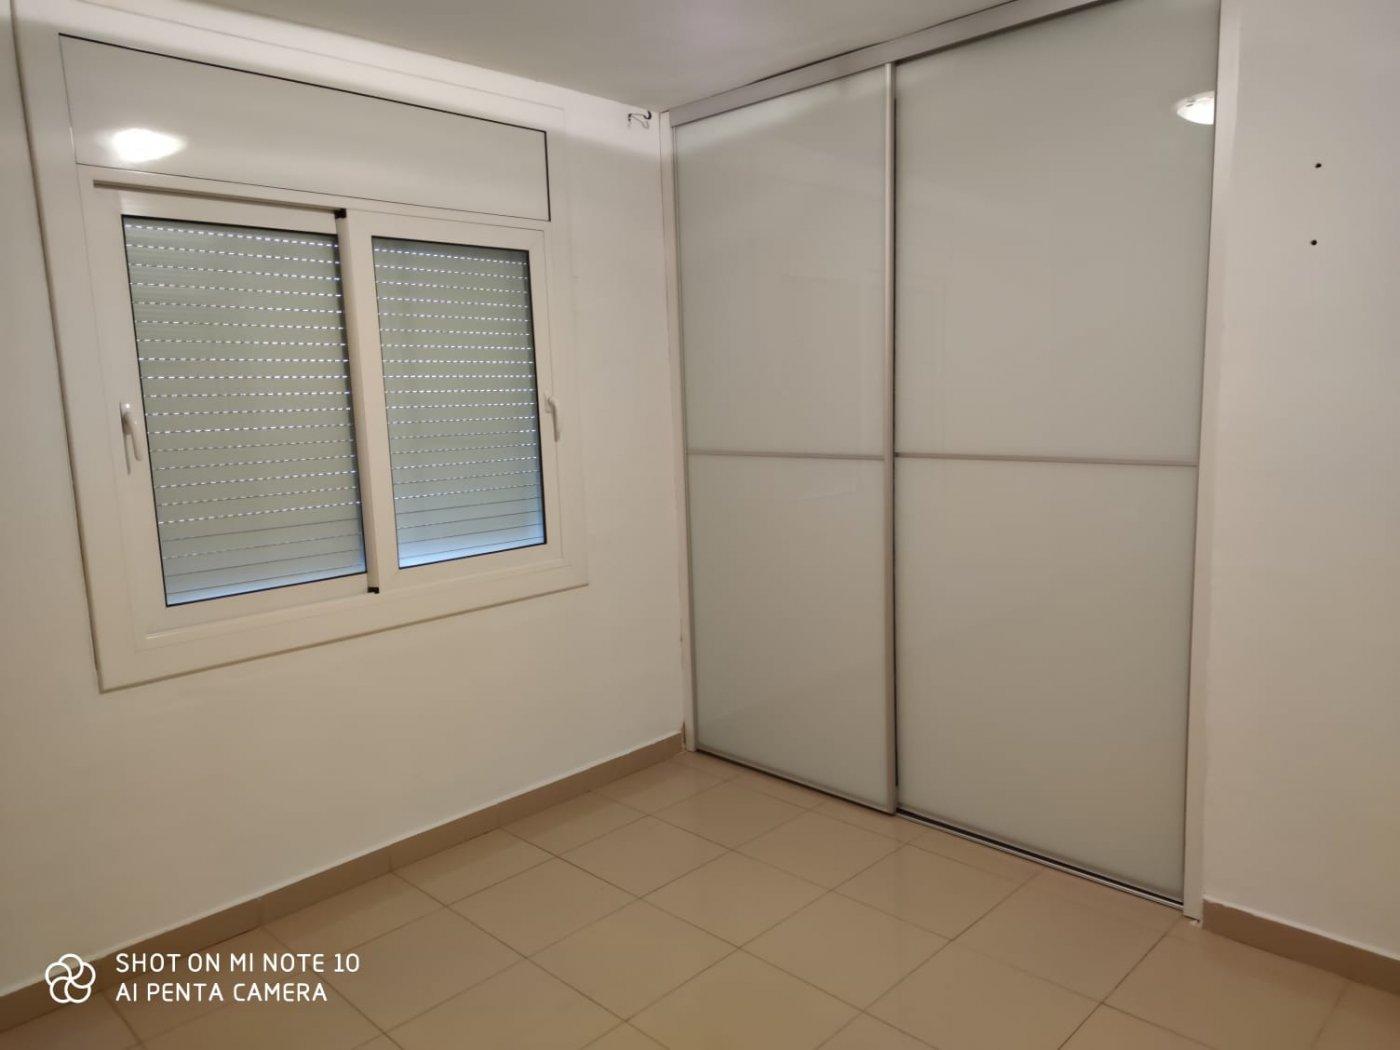 Piso · Hospitalet De Llobregat · Sant Josep 750€ MES€